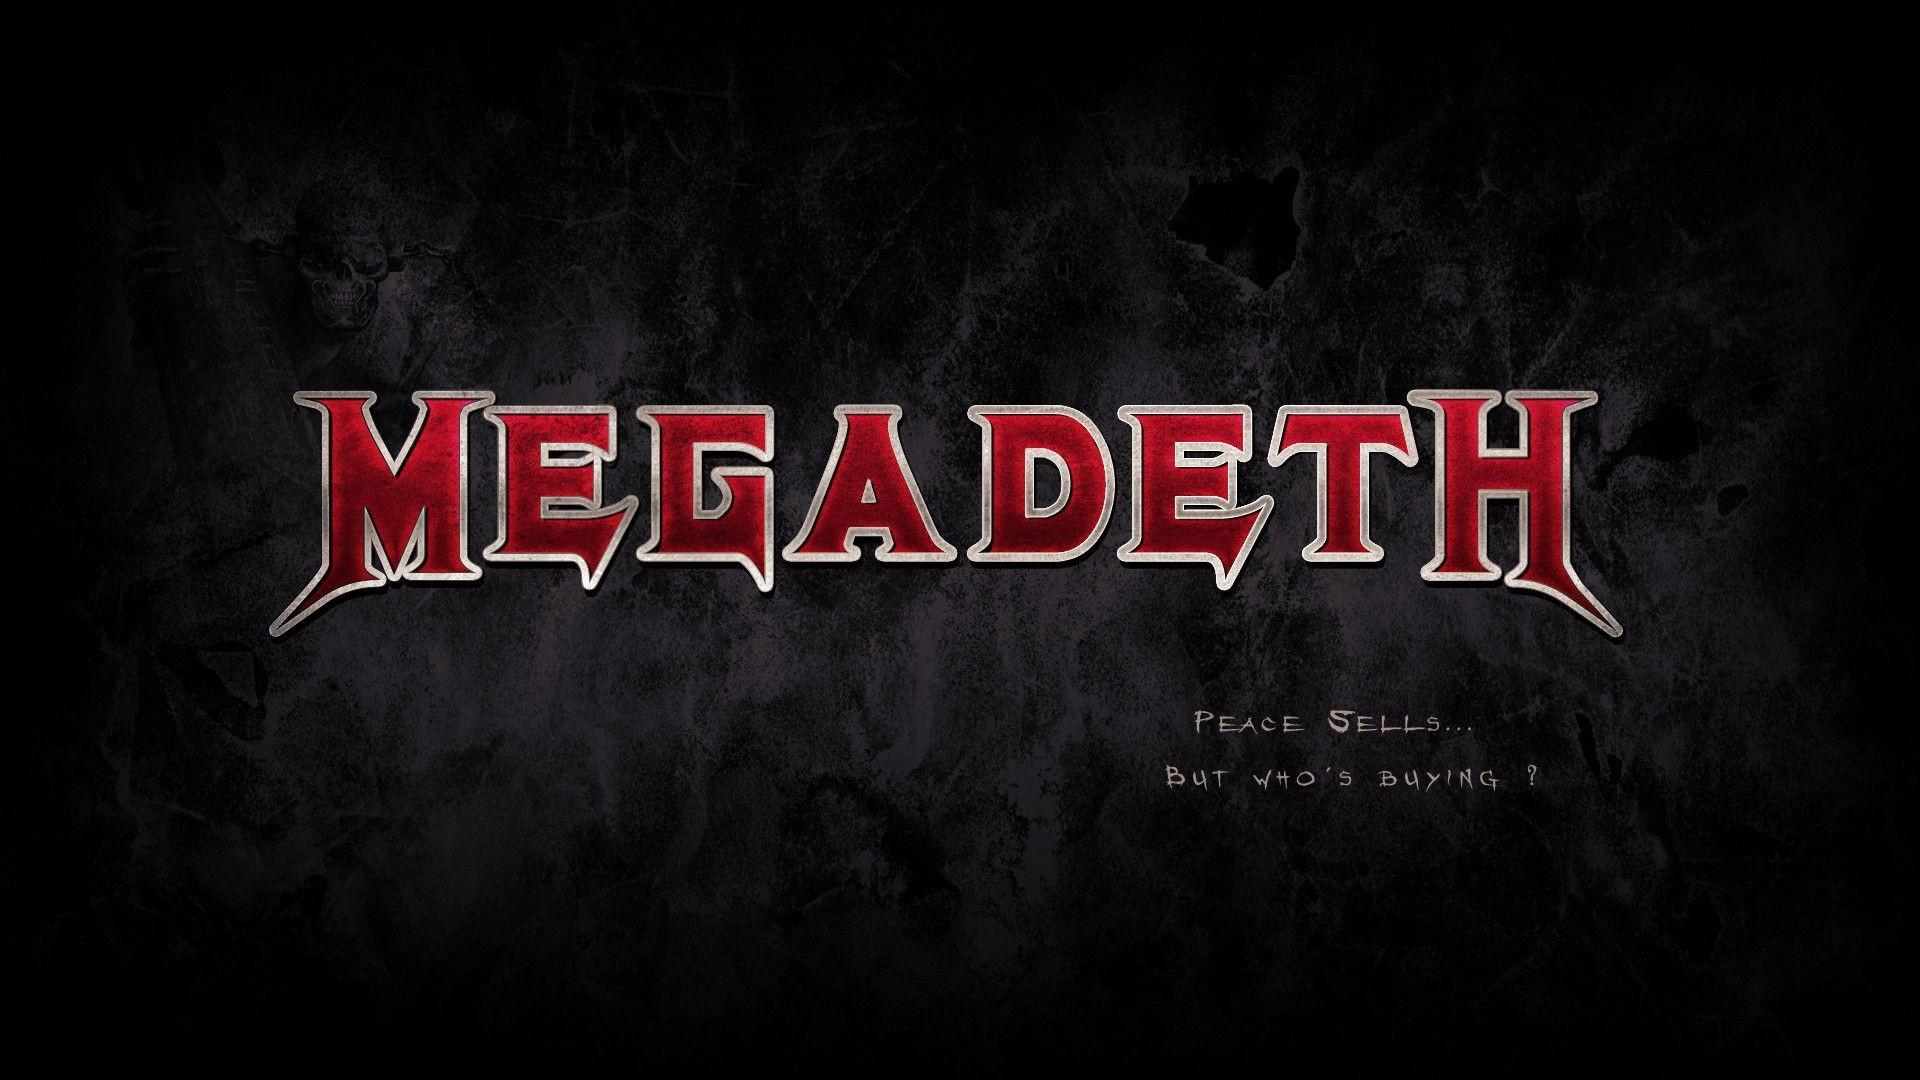 Megadeth Wallpapers – Wallpaper Cave